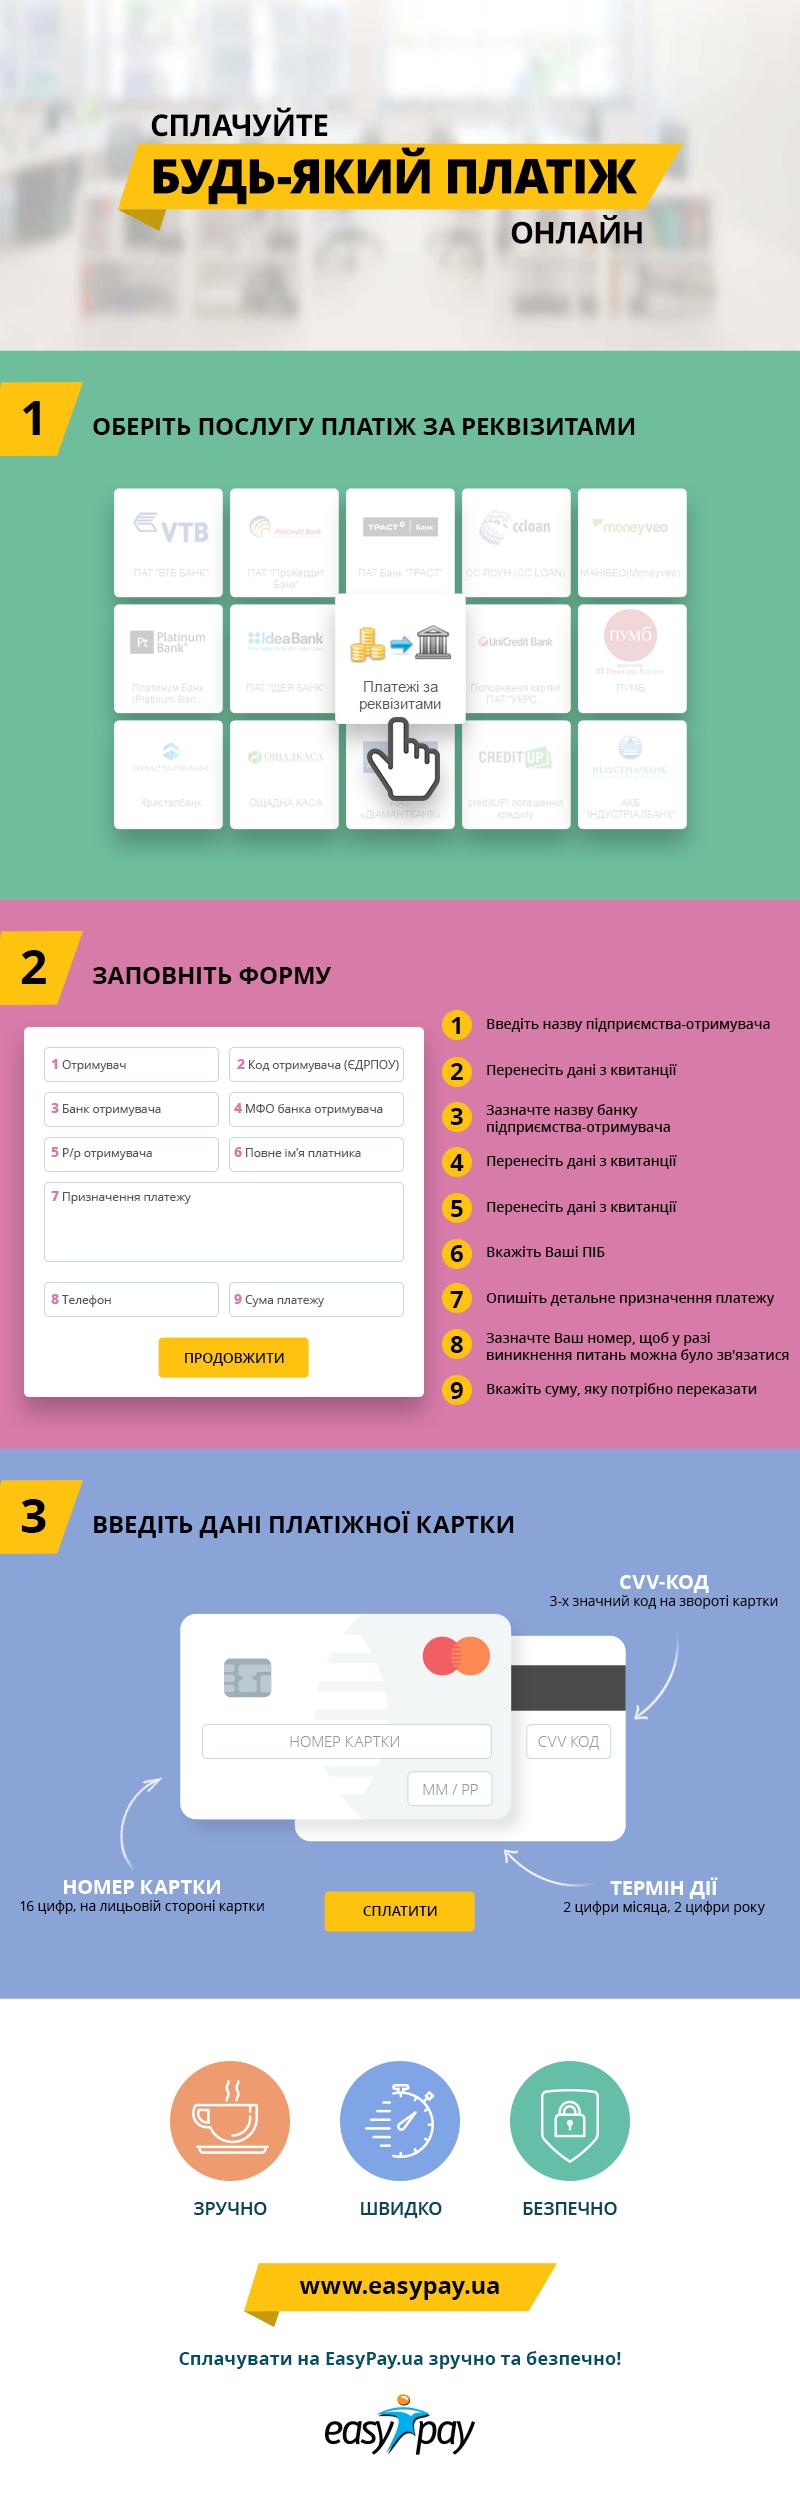 инфографика easypay